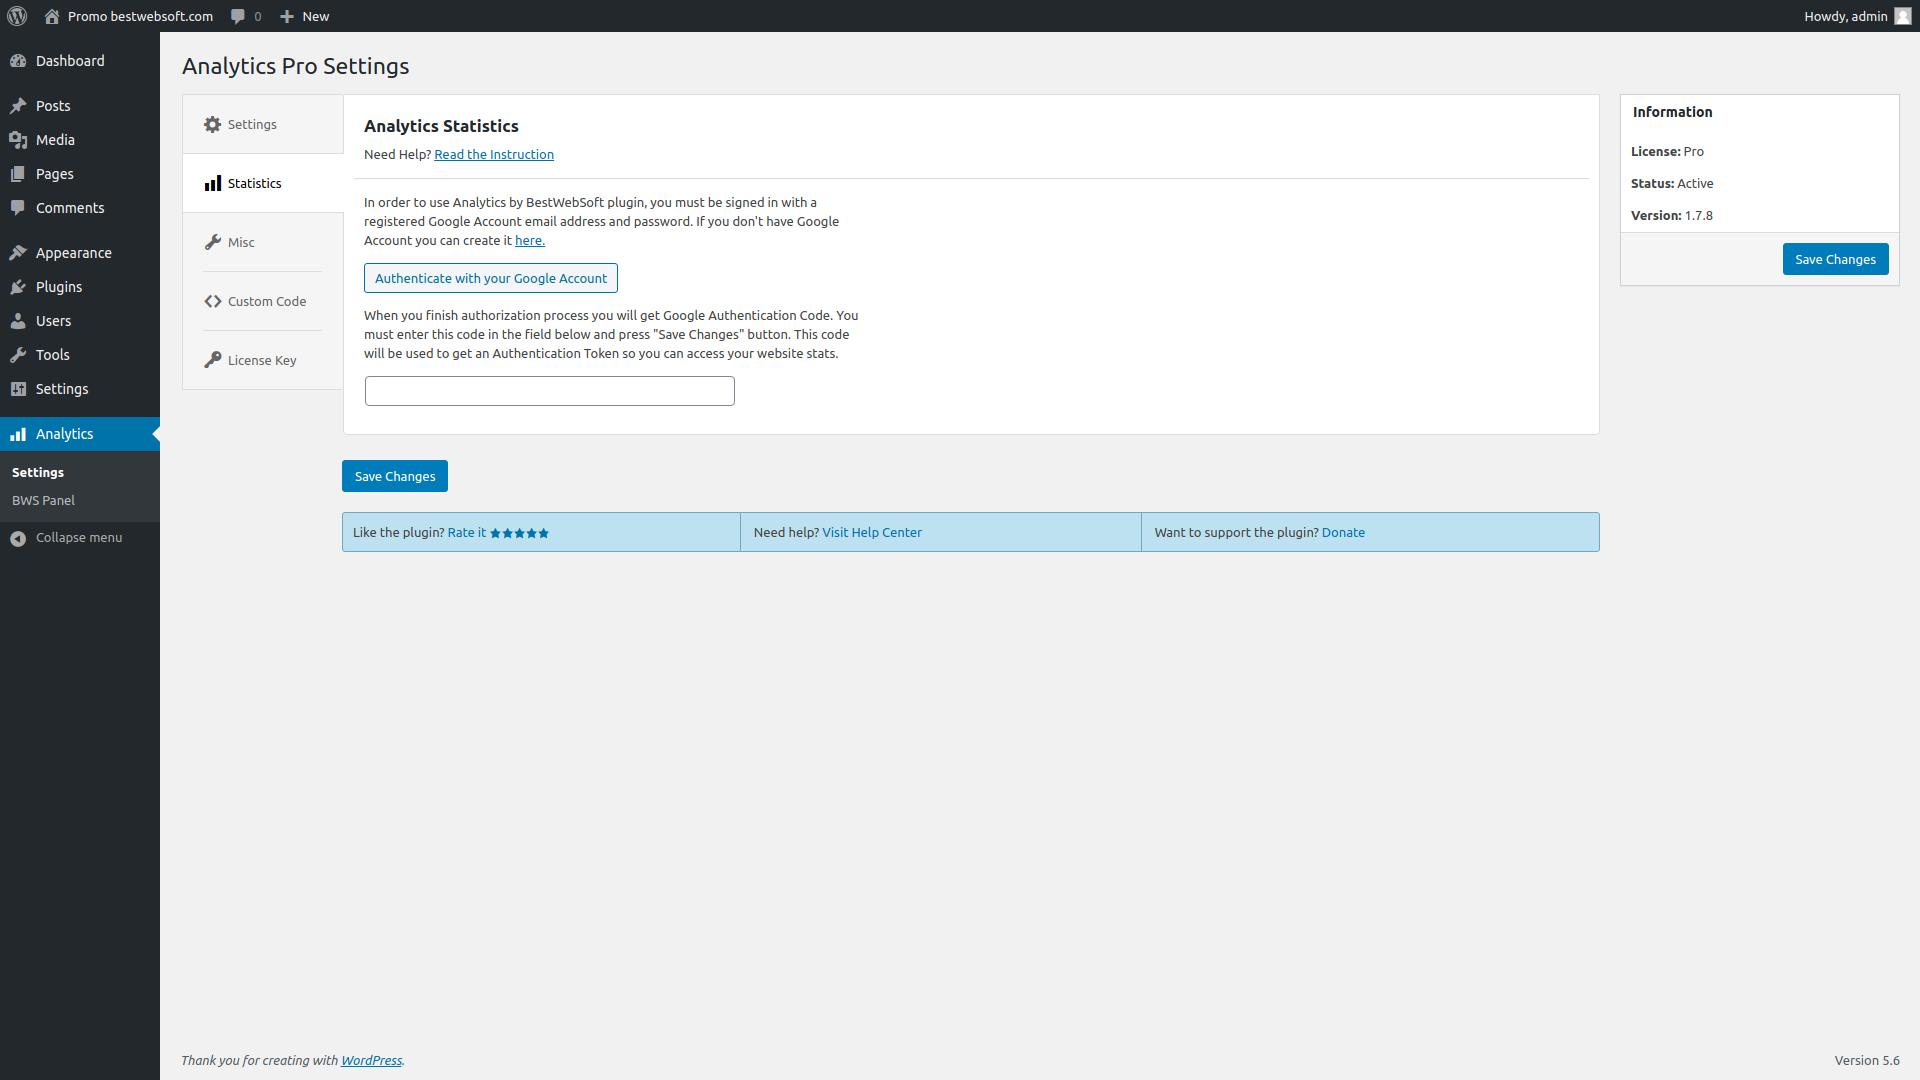 analytics screenshot 4